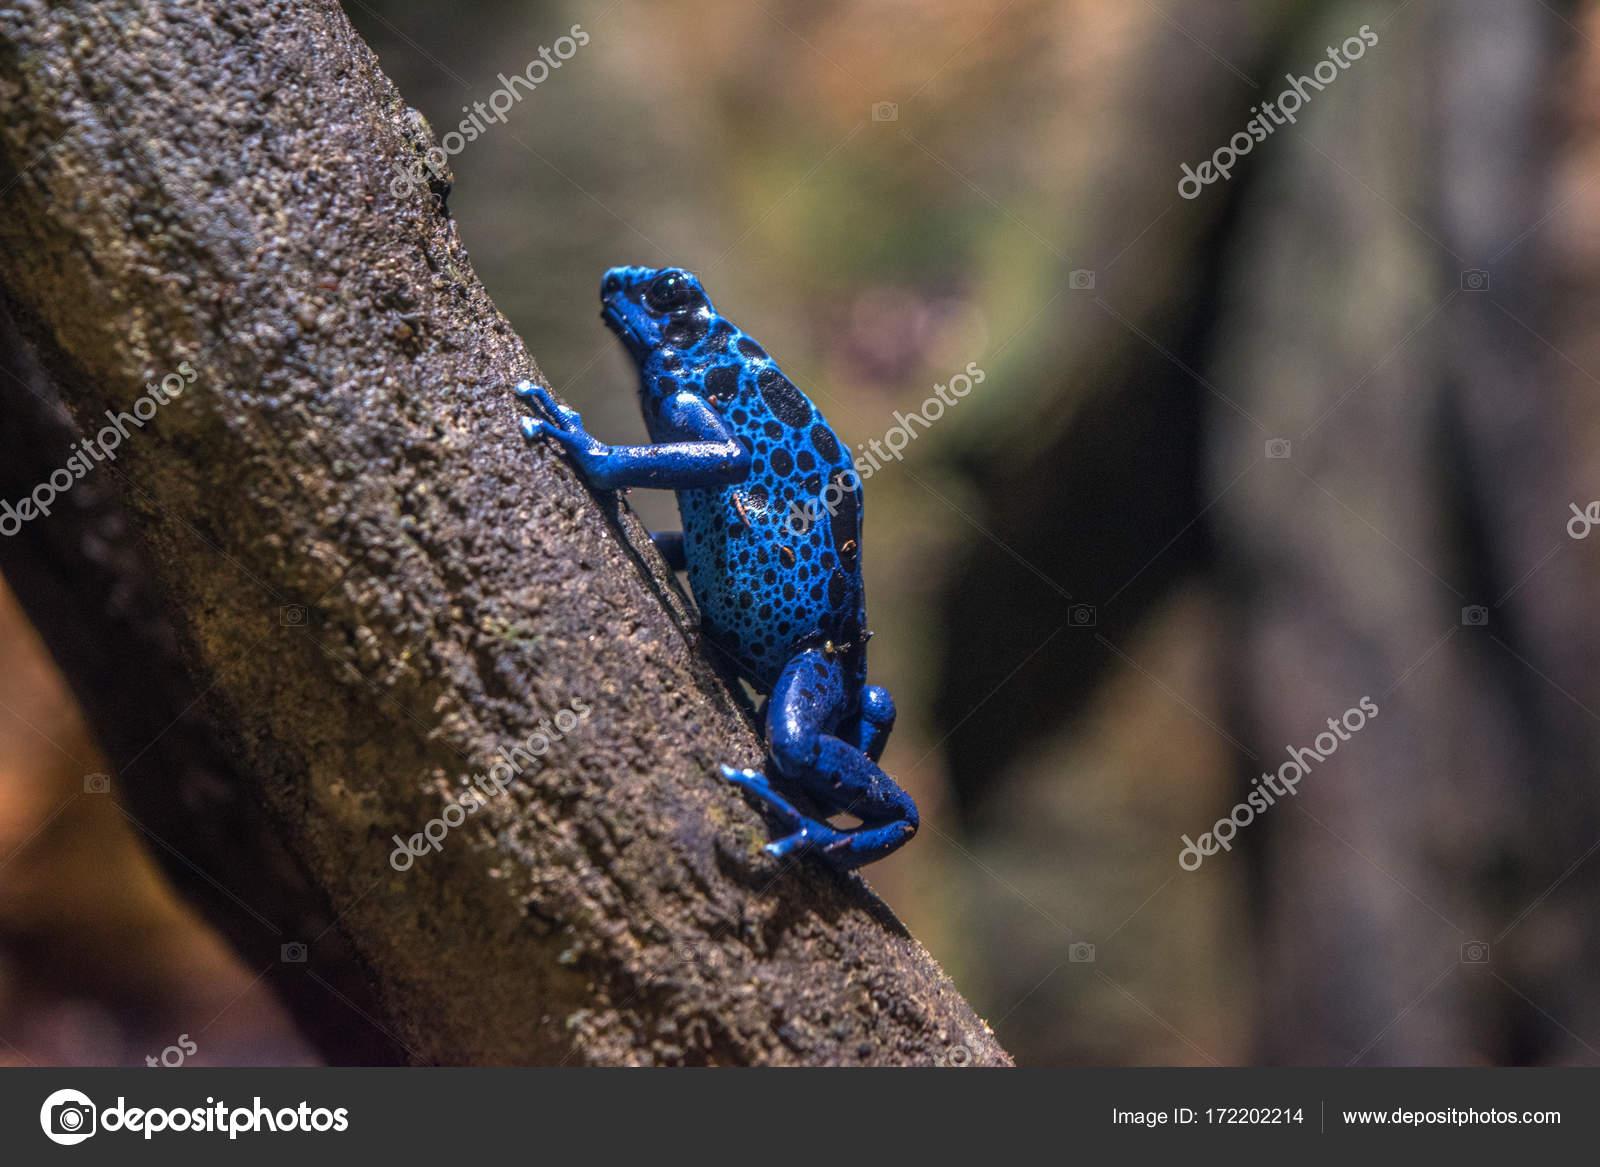 Grenouille Bleue Venimeuse petite grenouille venimeuse bleue — photographie rgc1983 © #172202214